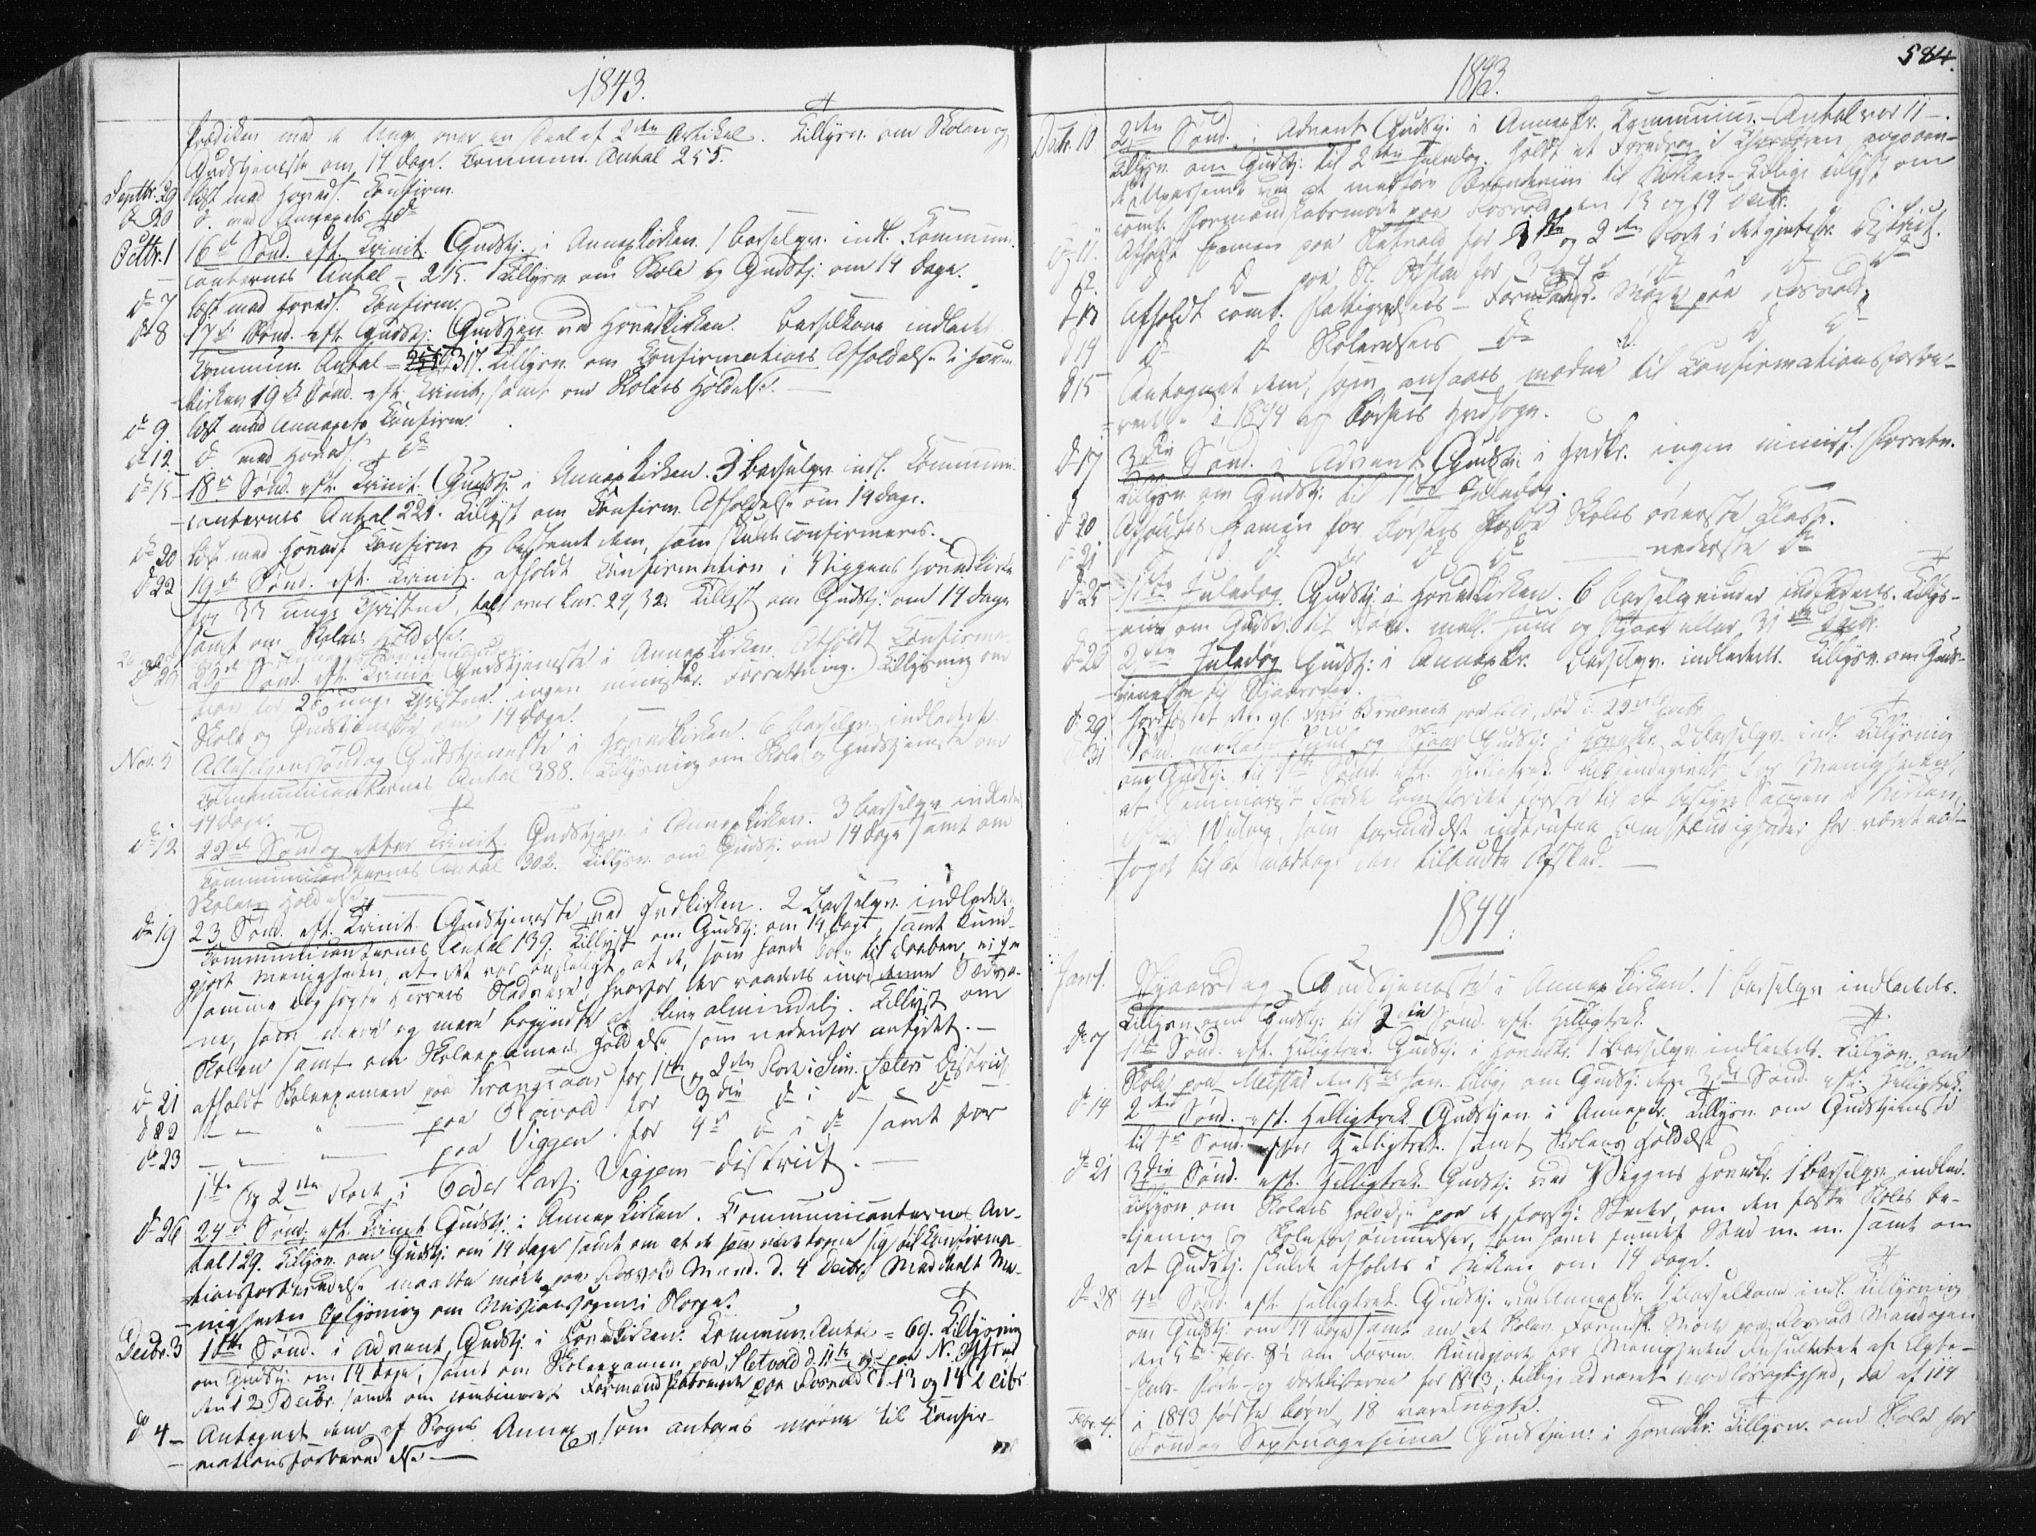 SAT, Ministerialprotokoller, klokkerbøker og fødselsregistre - Sør-Trøndelag, 665/L0771: Ministerialbok nr. 665A06, 1830-1856, s. 584